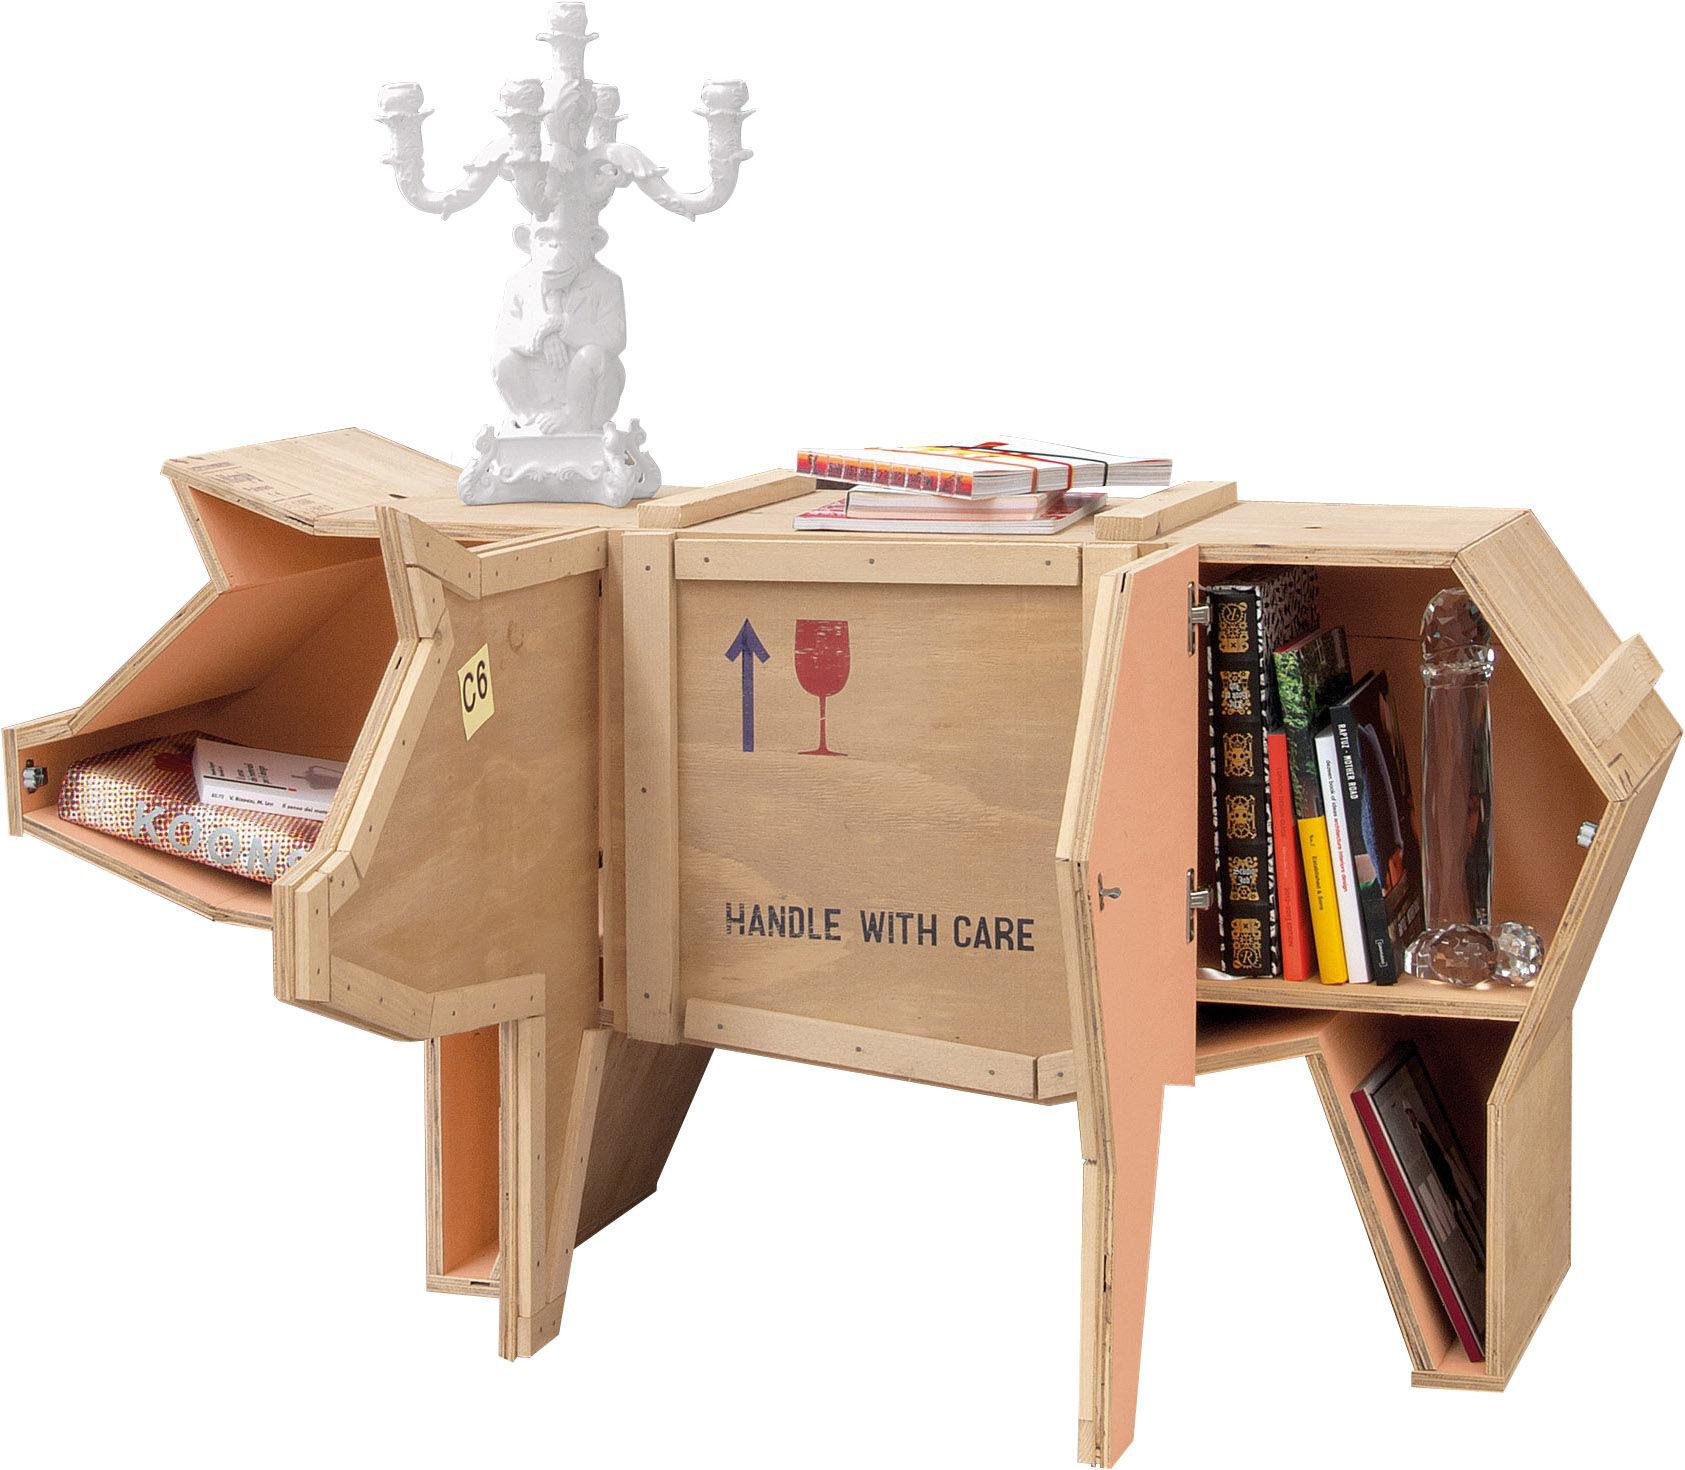 Möbel - Kommode und Anrichte - Sending animals Cochon Anrichte / kleines Staumöbel - B 150 cm x H 76 cm - Seletti - Holz natur - Holz